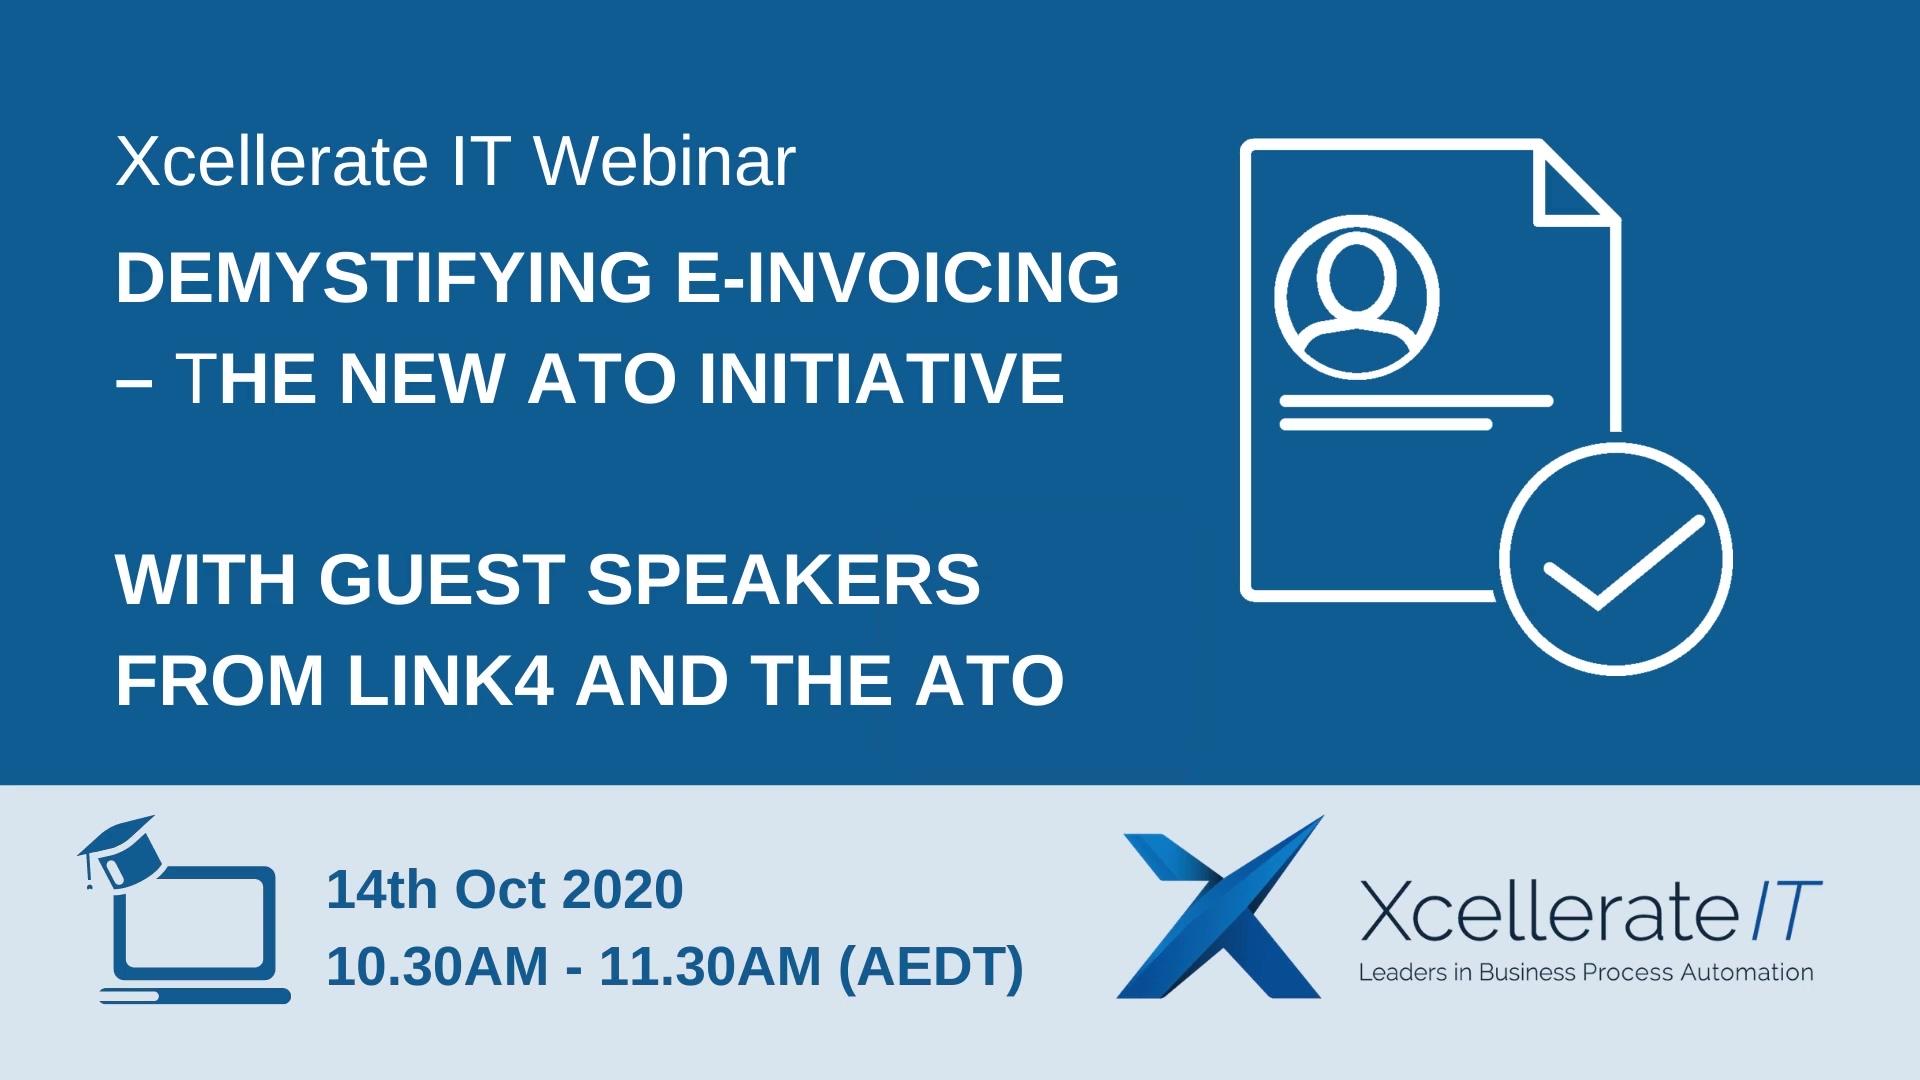 E-Invoicing Webinar 14-Oct-2020 Invitation Video